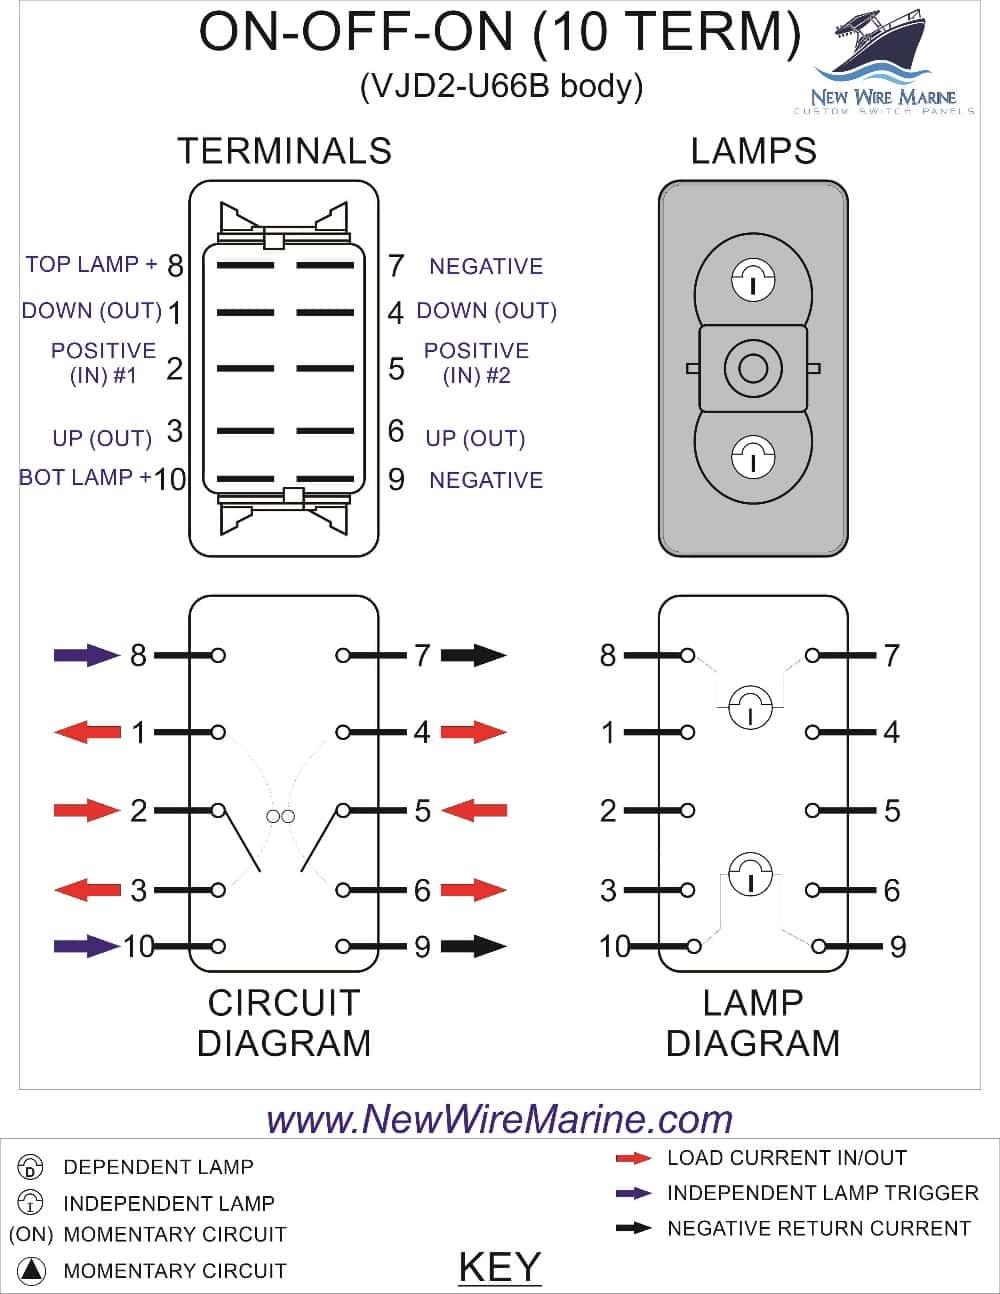 Groovy Rocker Switch Wiring Diagrams New Wire Marine Wiring Cloud Cranvenetmohammedshrineorg